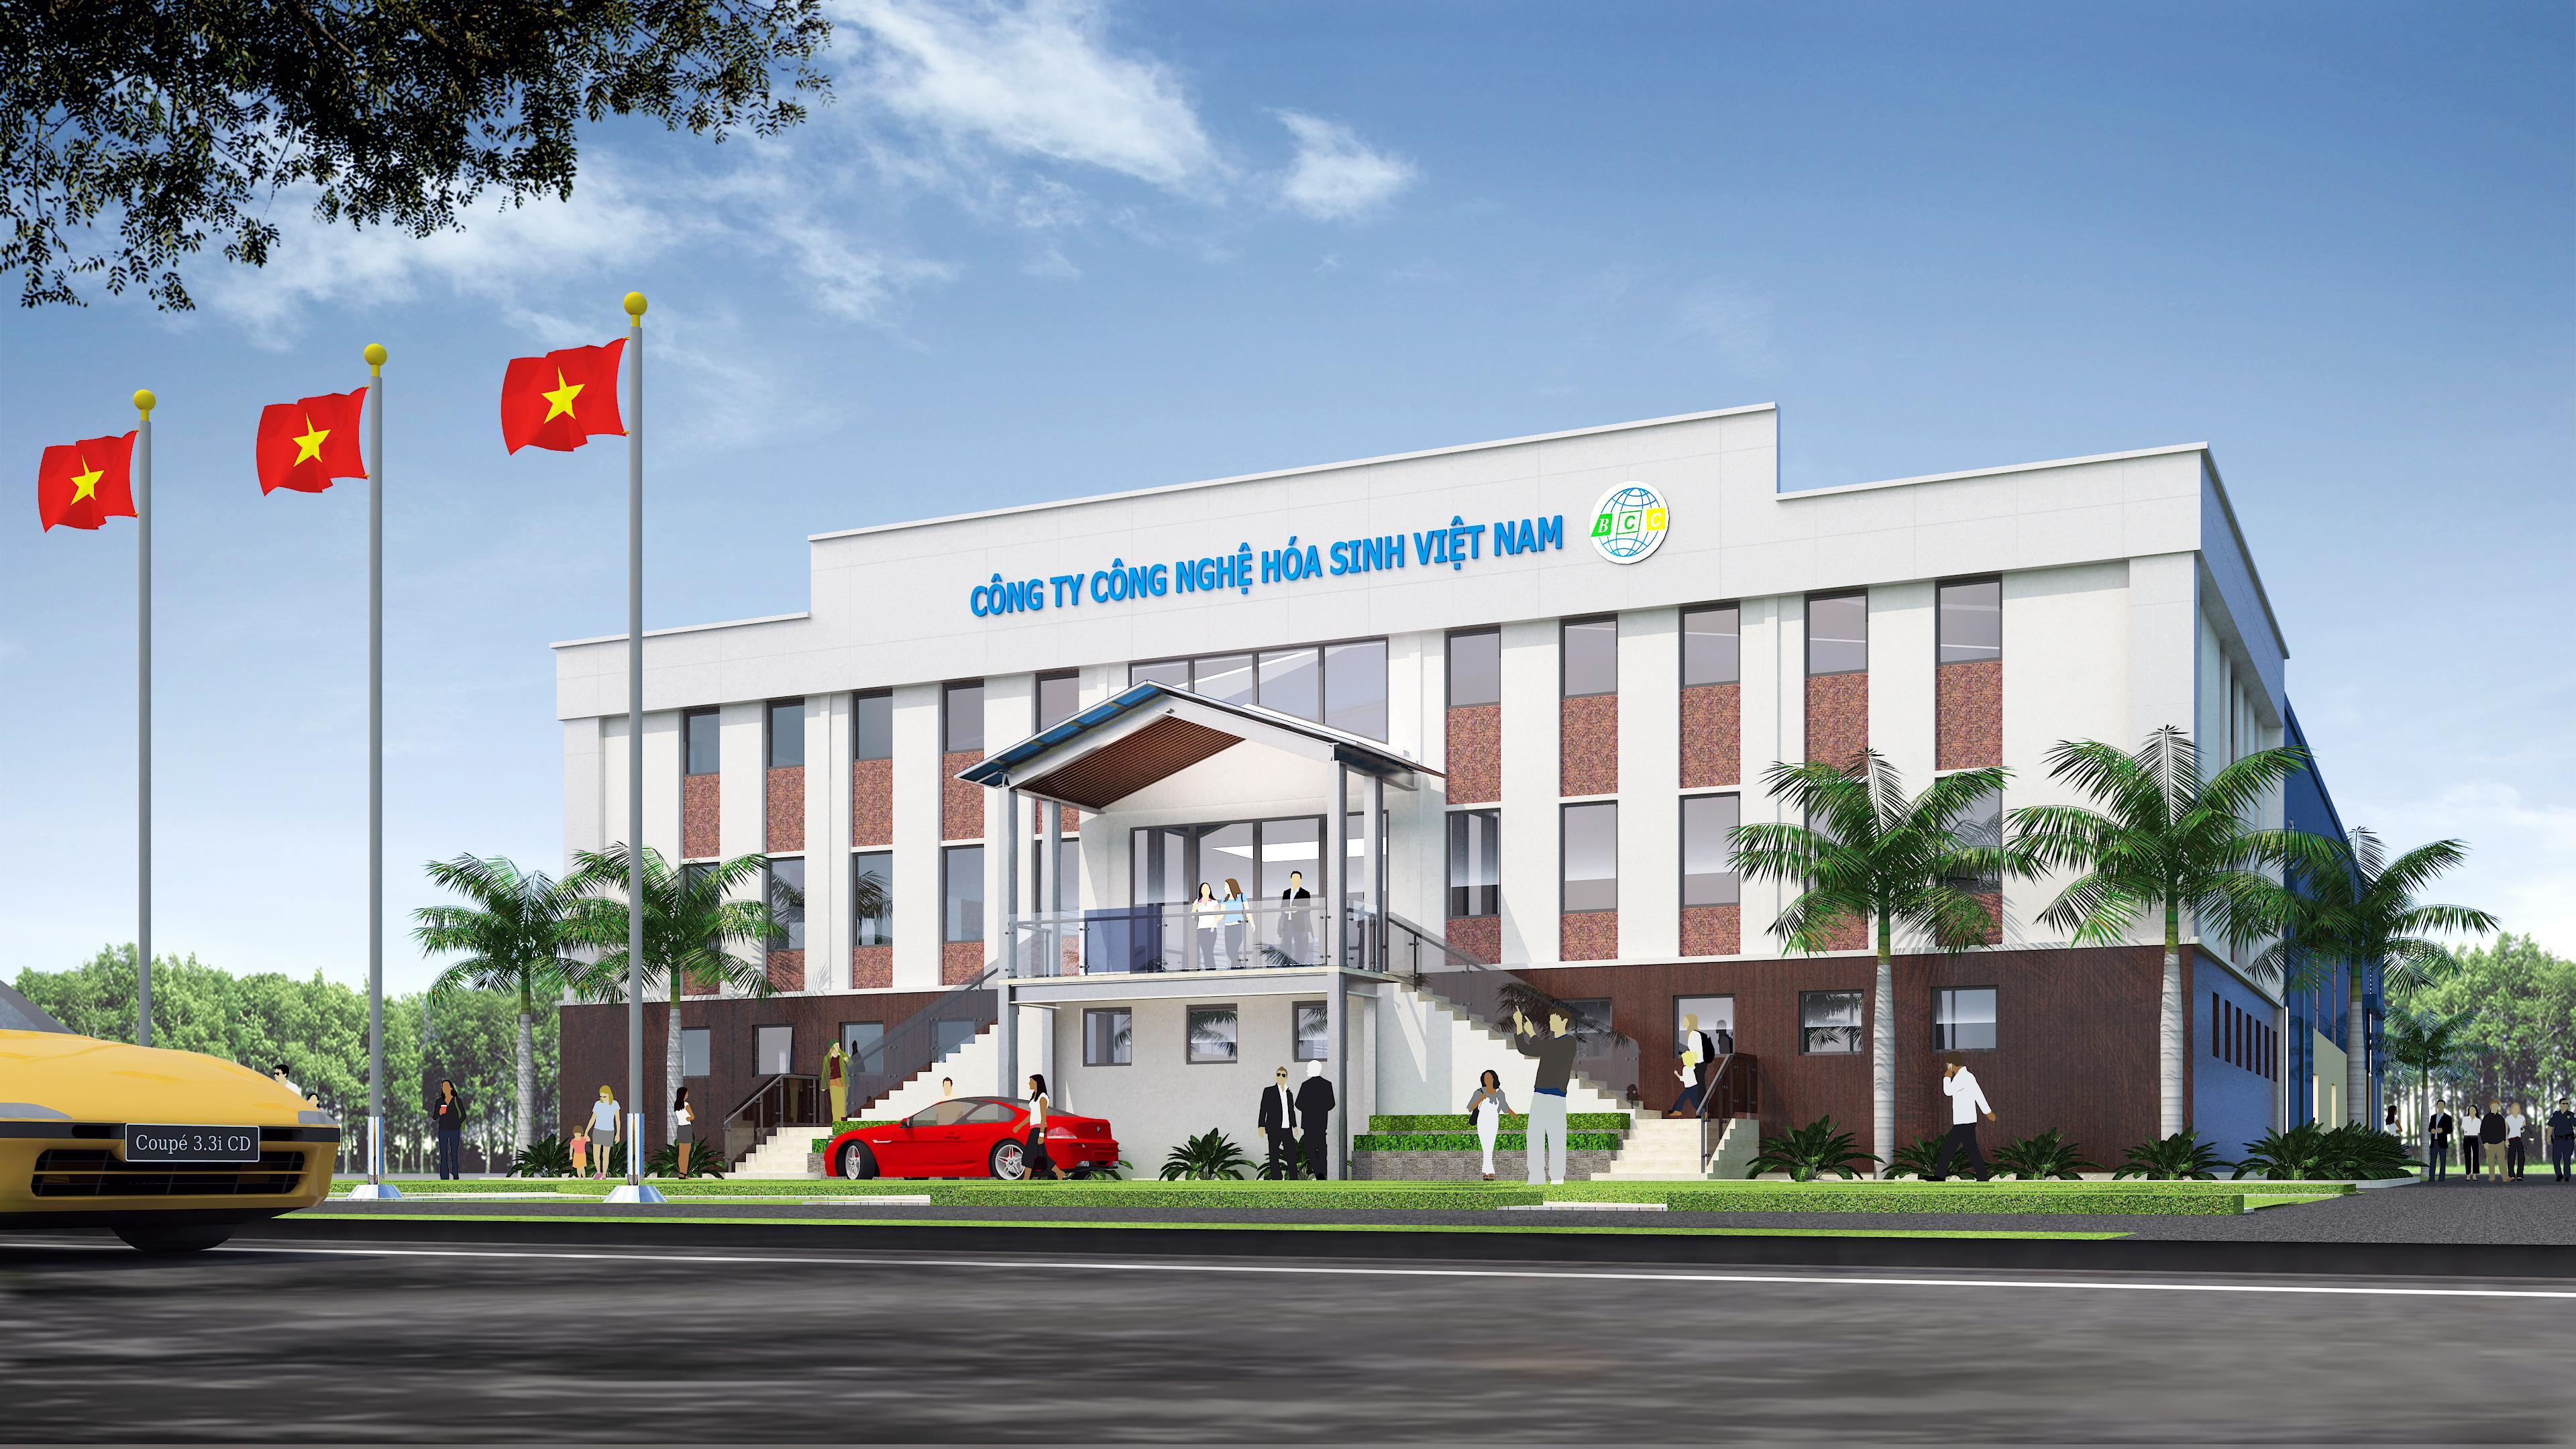 Jobs at Công Ty CP Công Nghệ Hoá Sinh Việt Nam